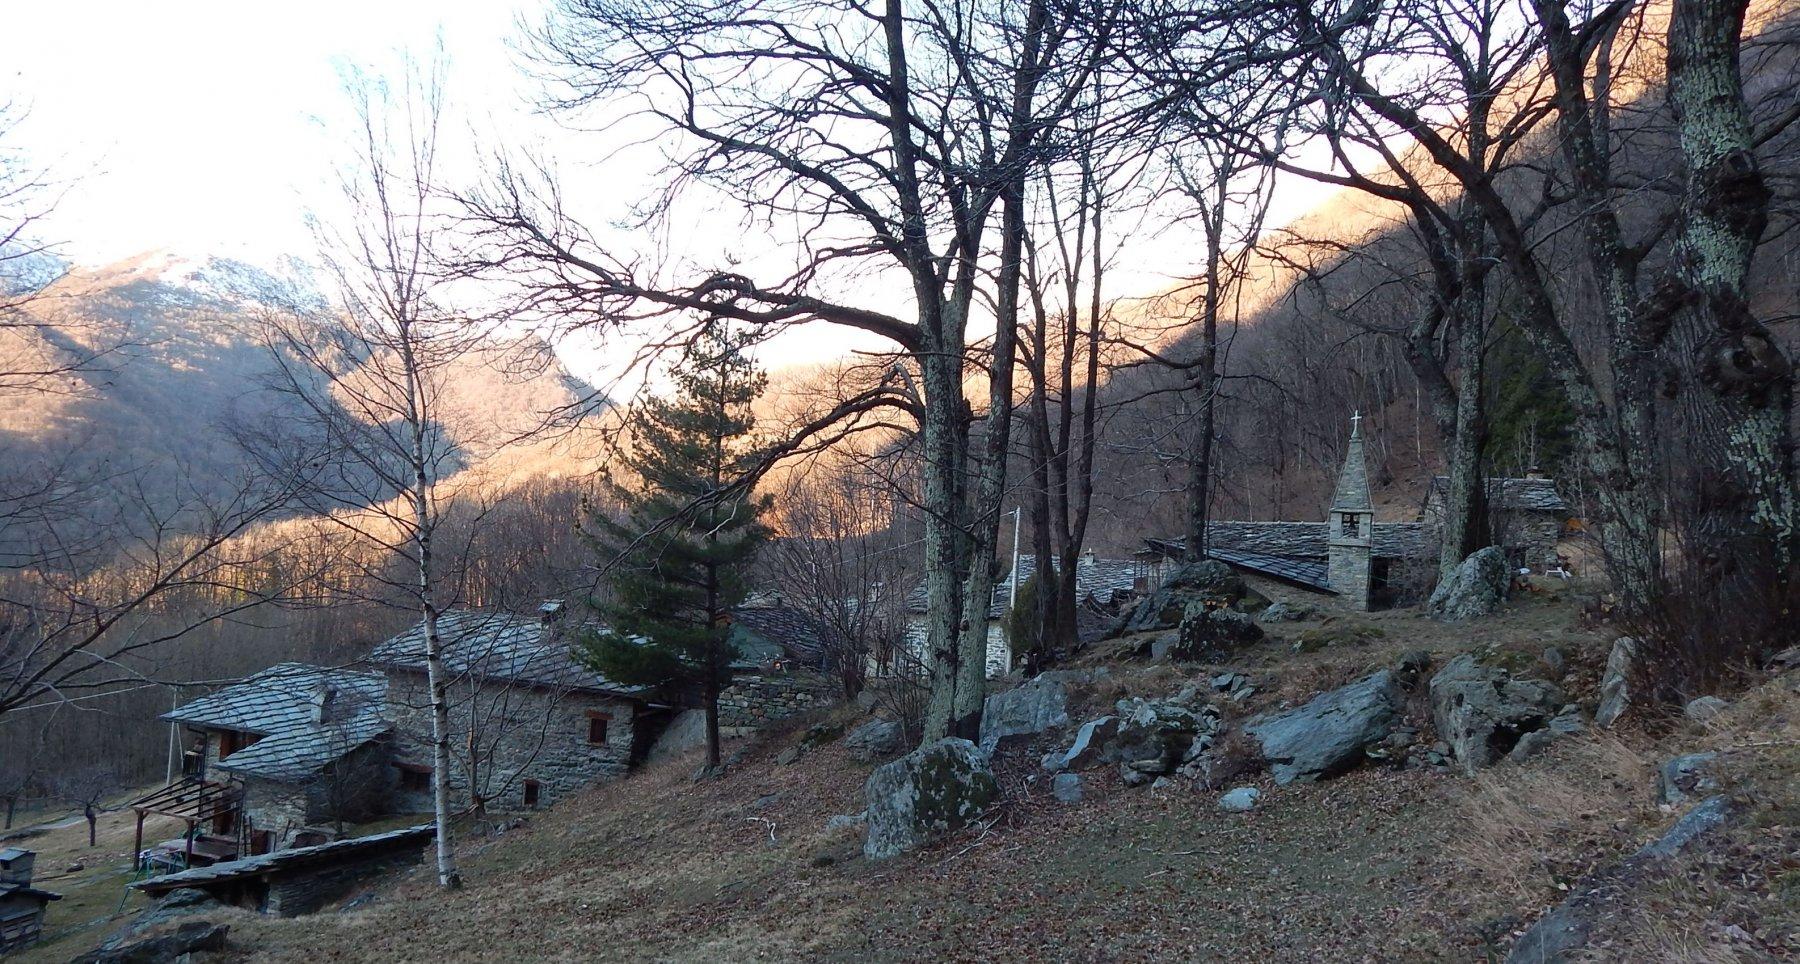 Monti di Voragno